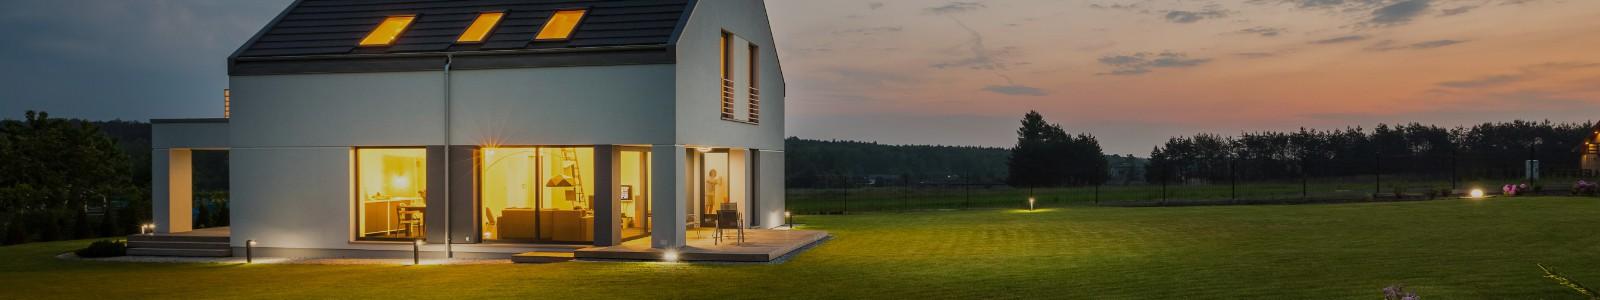 Projekty Domów Z Basenem | w Środku i na Zewnątrz